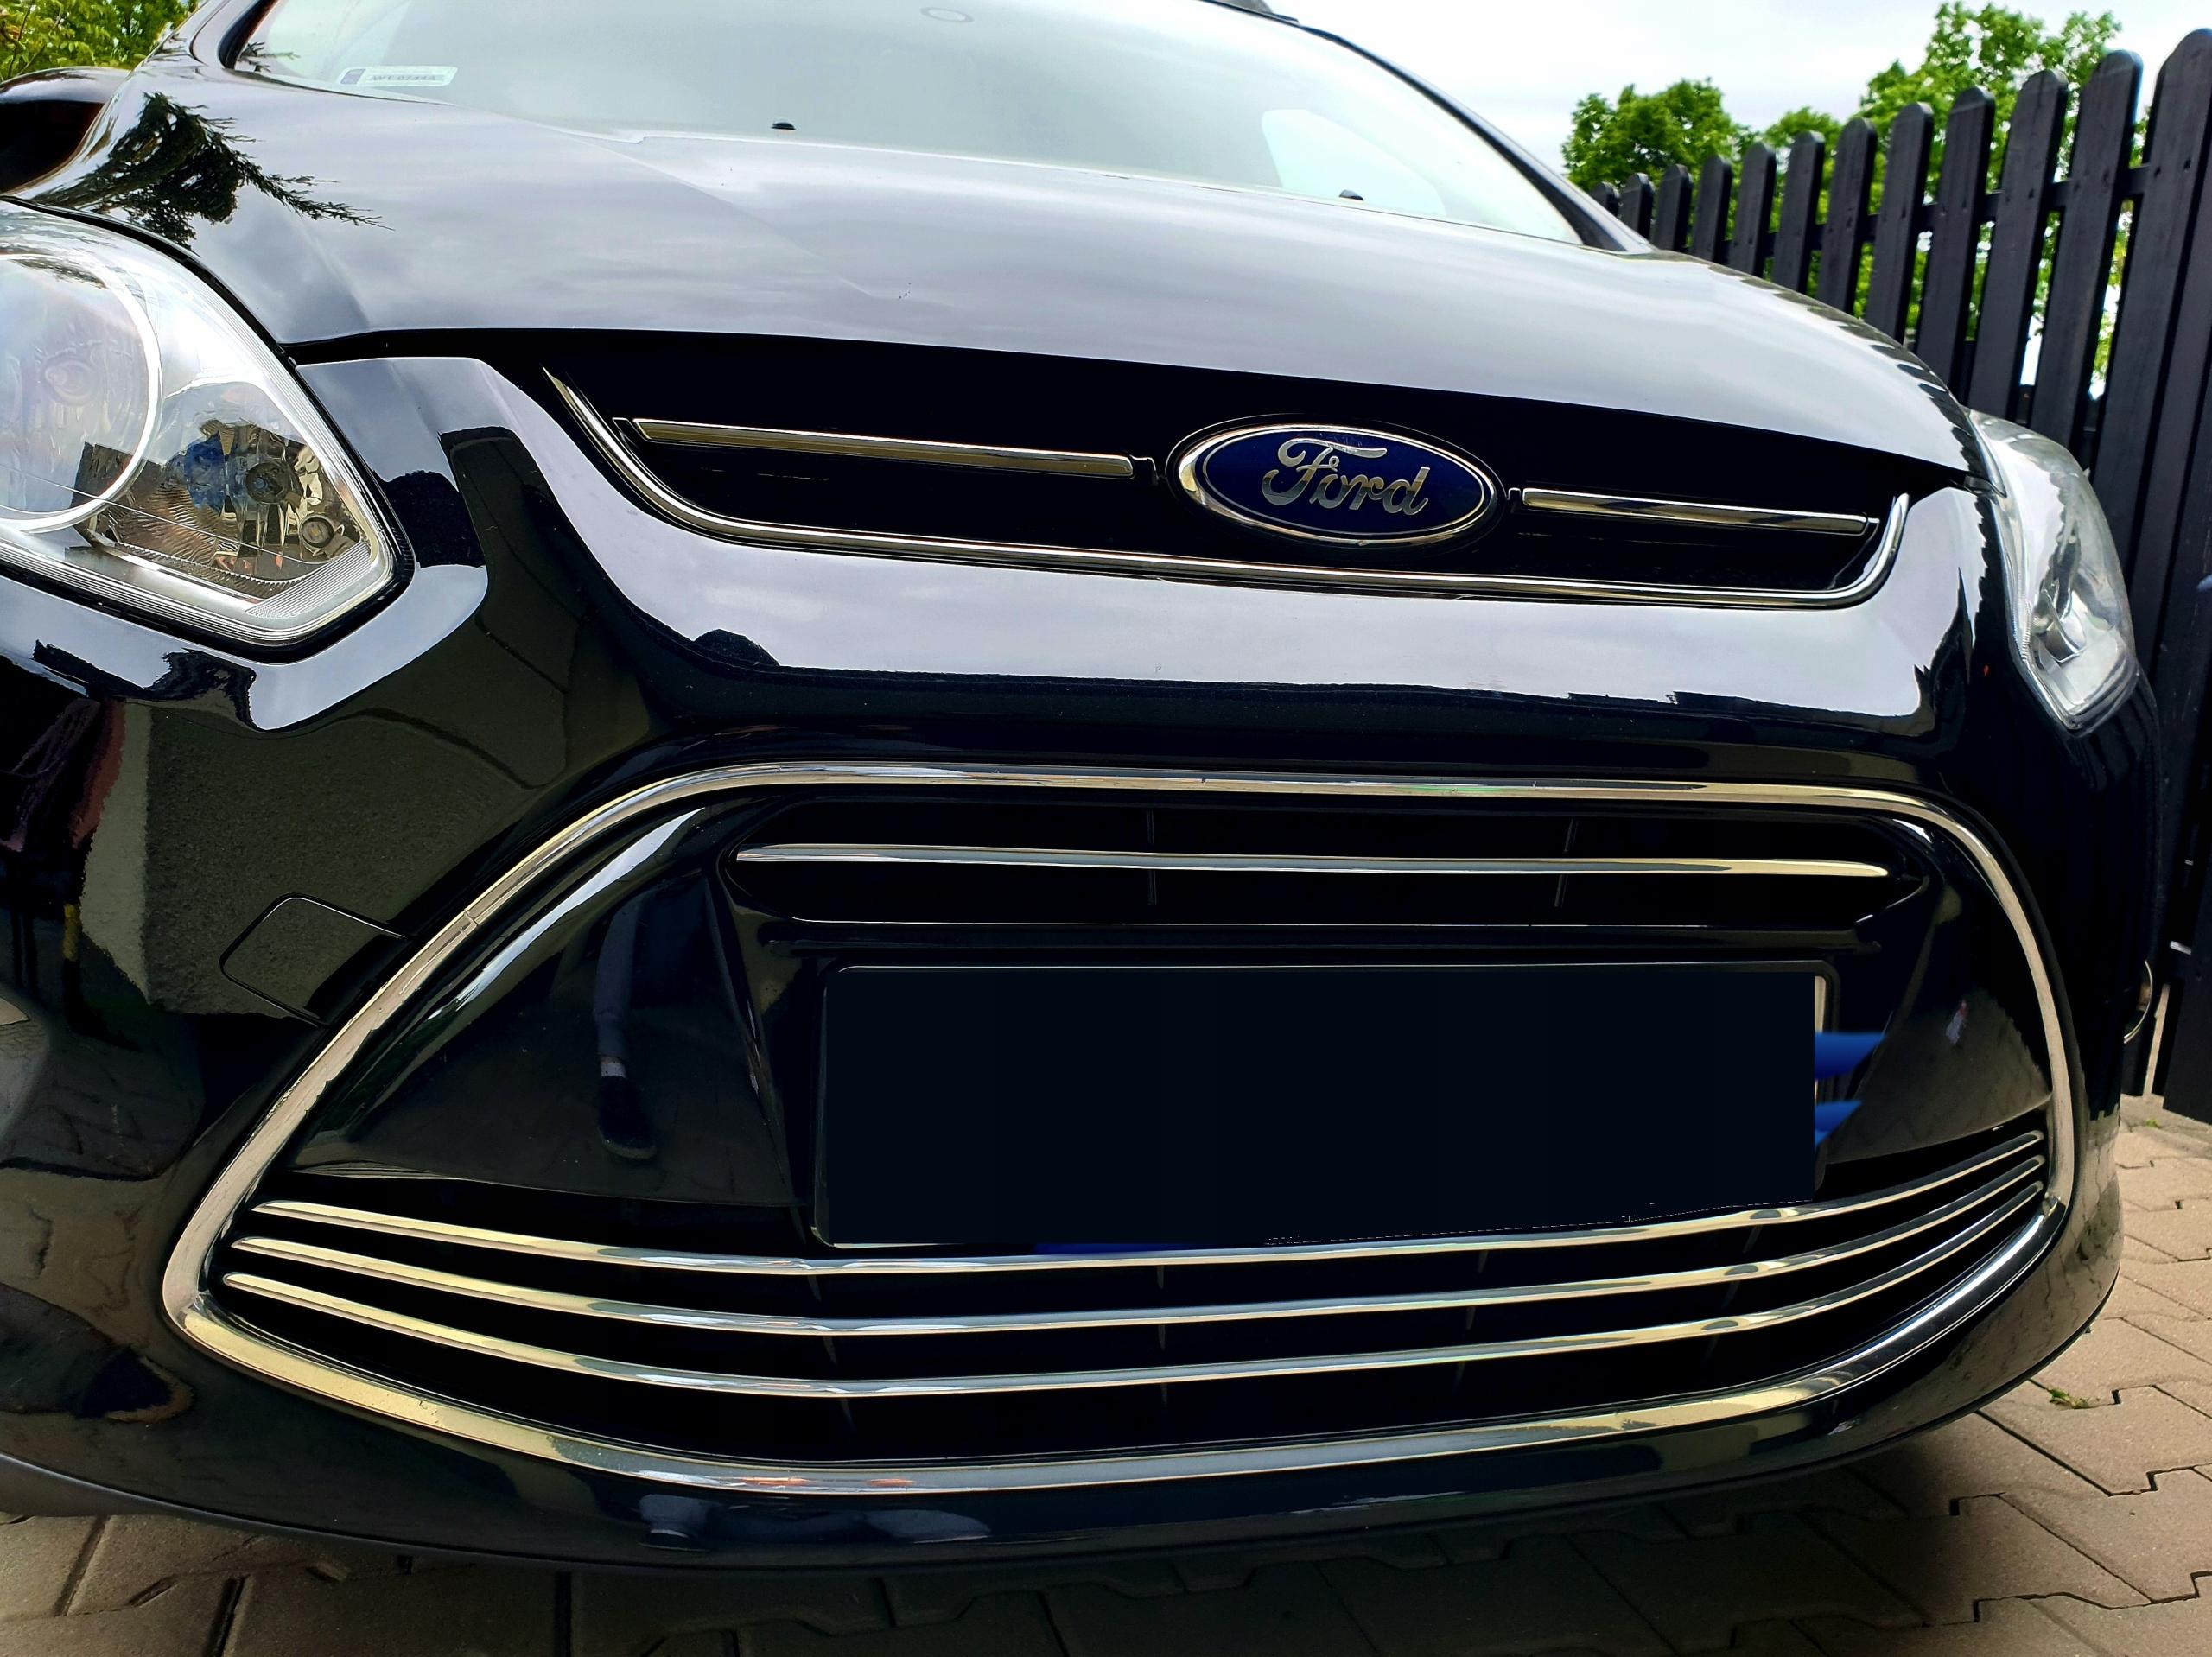 Ford C Max Ii Listwy Chrom Chromowane Grill Tuning Tarnow Allegro Pl